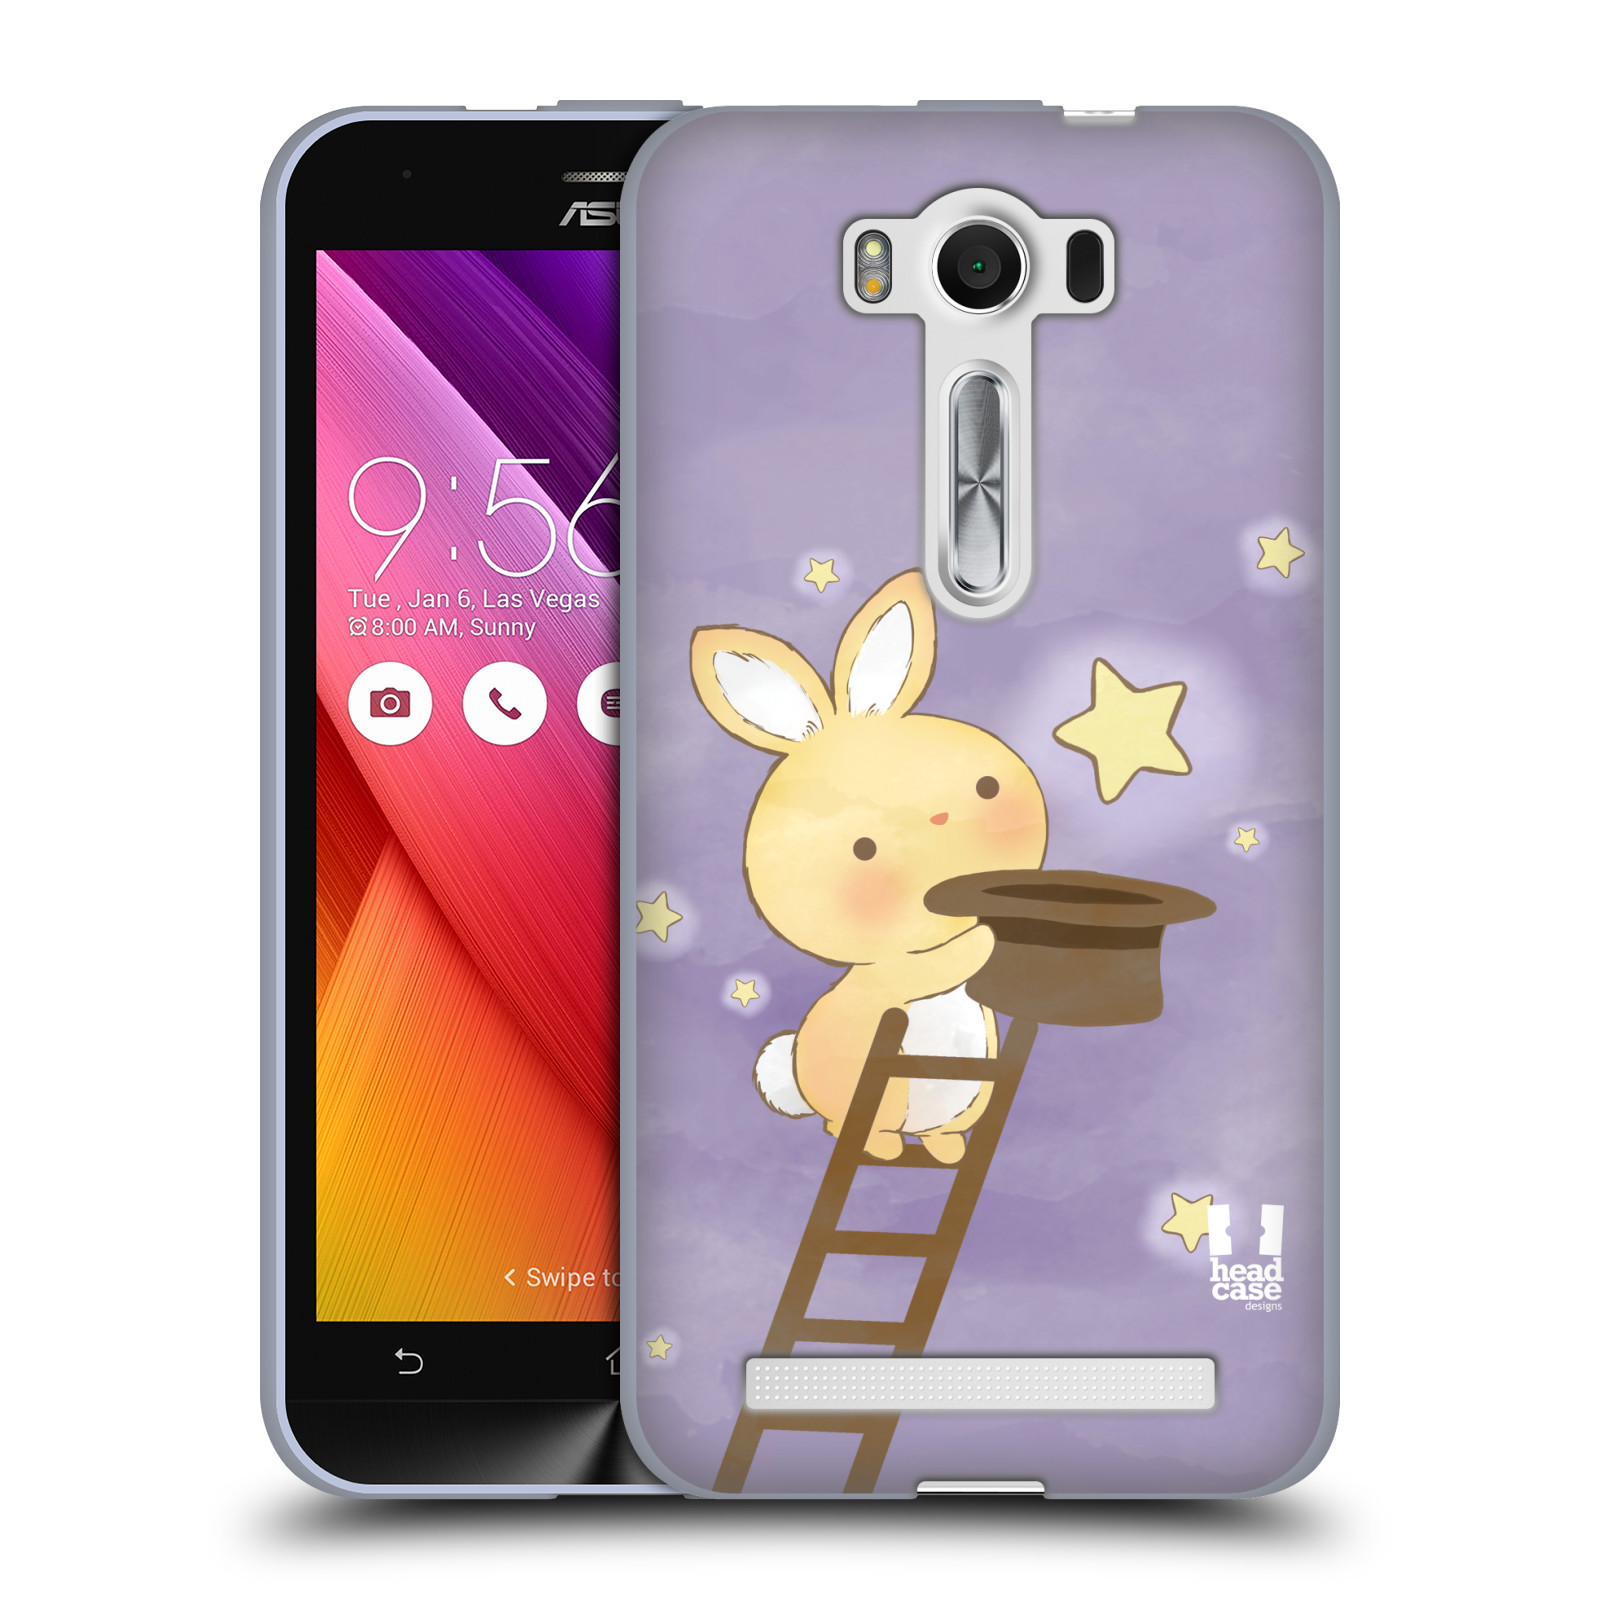 """HEAD CASE silikonový obal na mobil Asus Zenfone 2 LASER (ZE500KL s 5"""" displejem) vzor králíček a hvězdy fialová"""